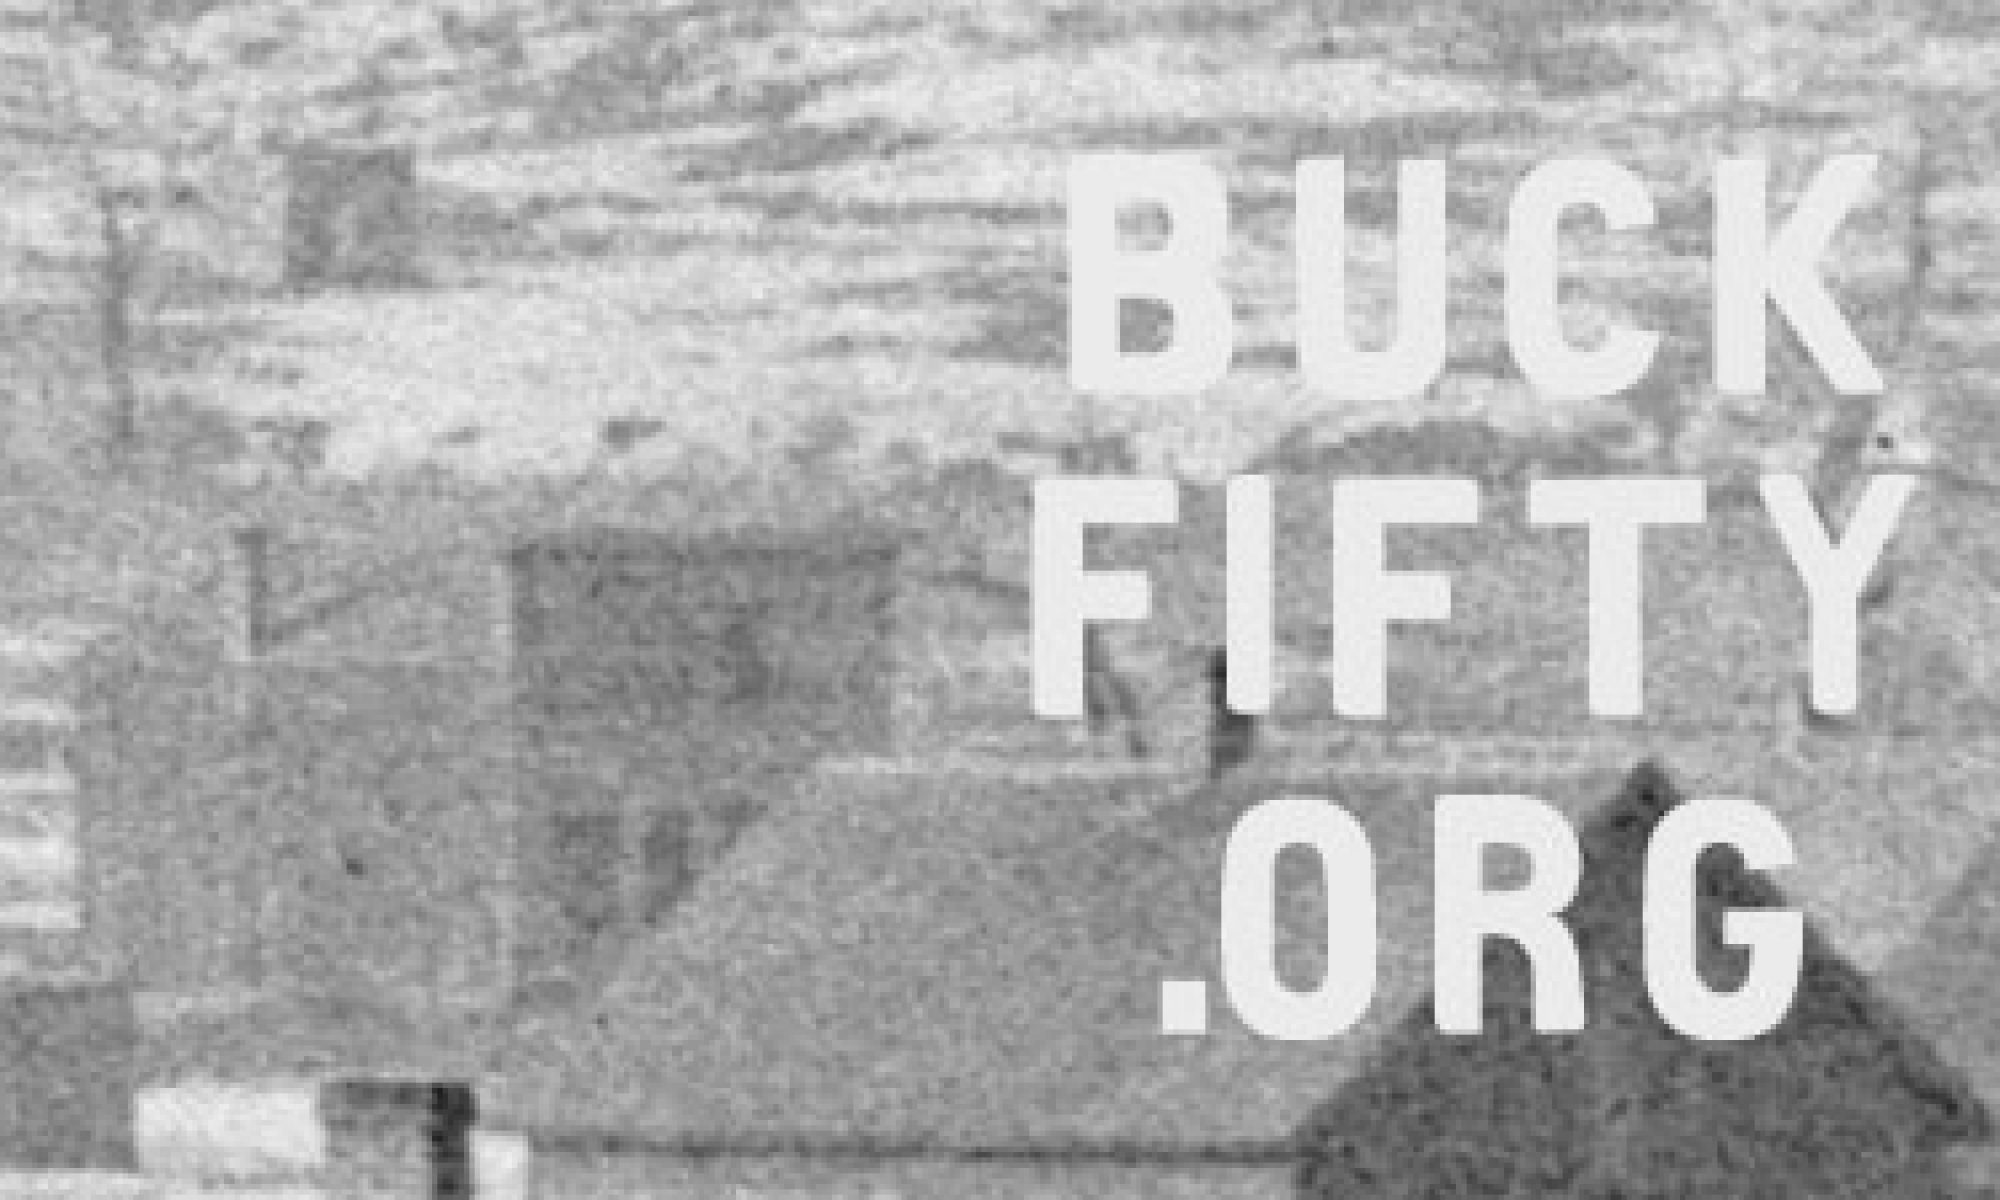 buckfifty.org